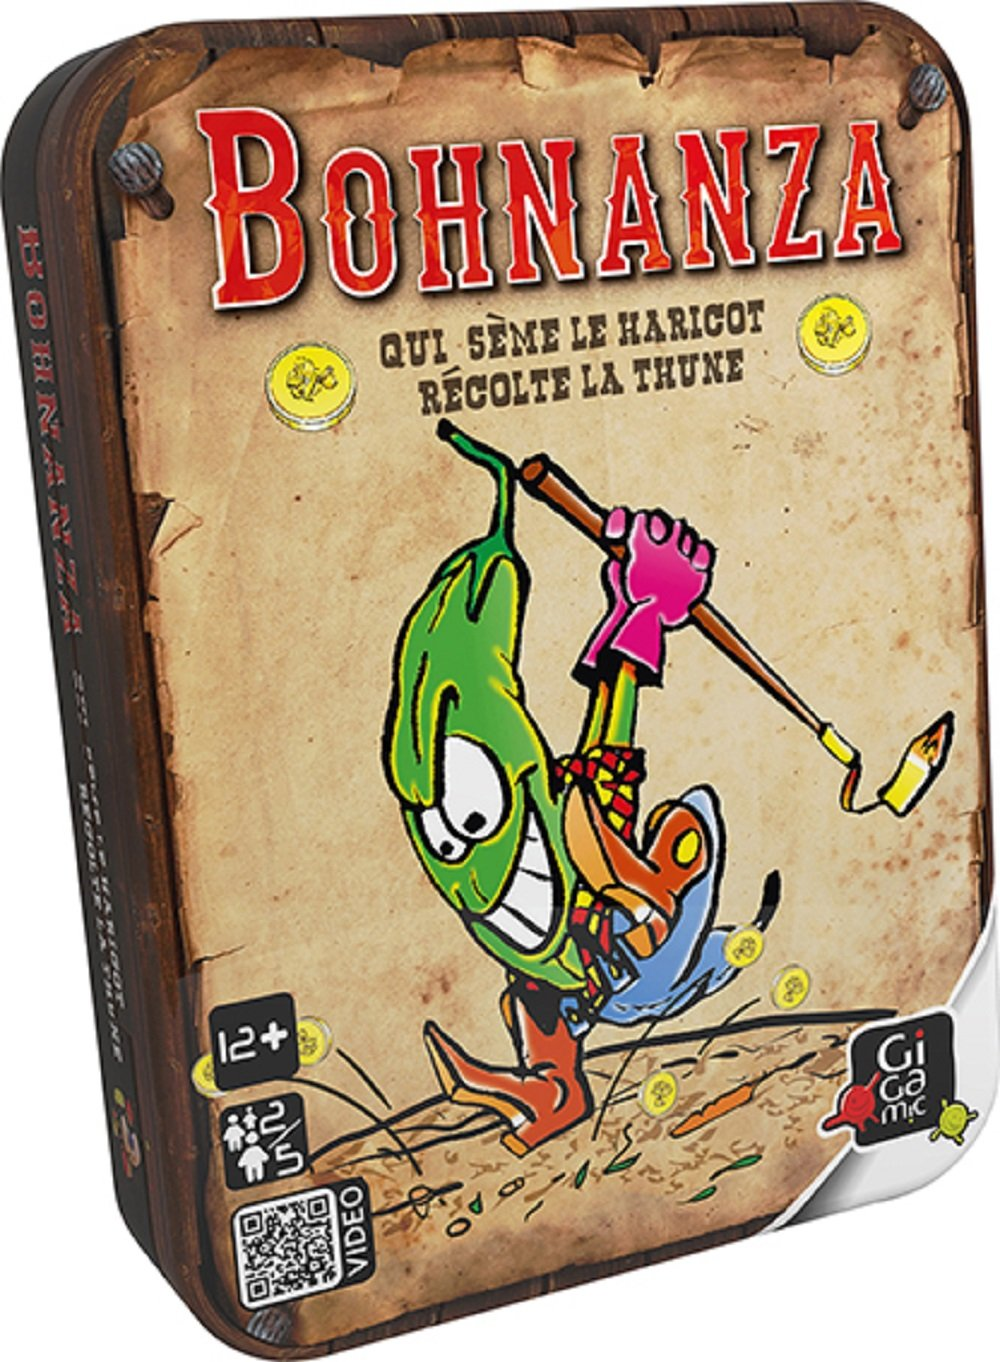 GIGAMIC Ambohn, card game Bohnanza, metal box